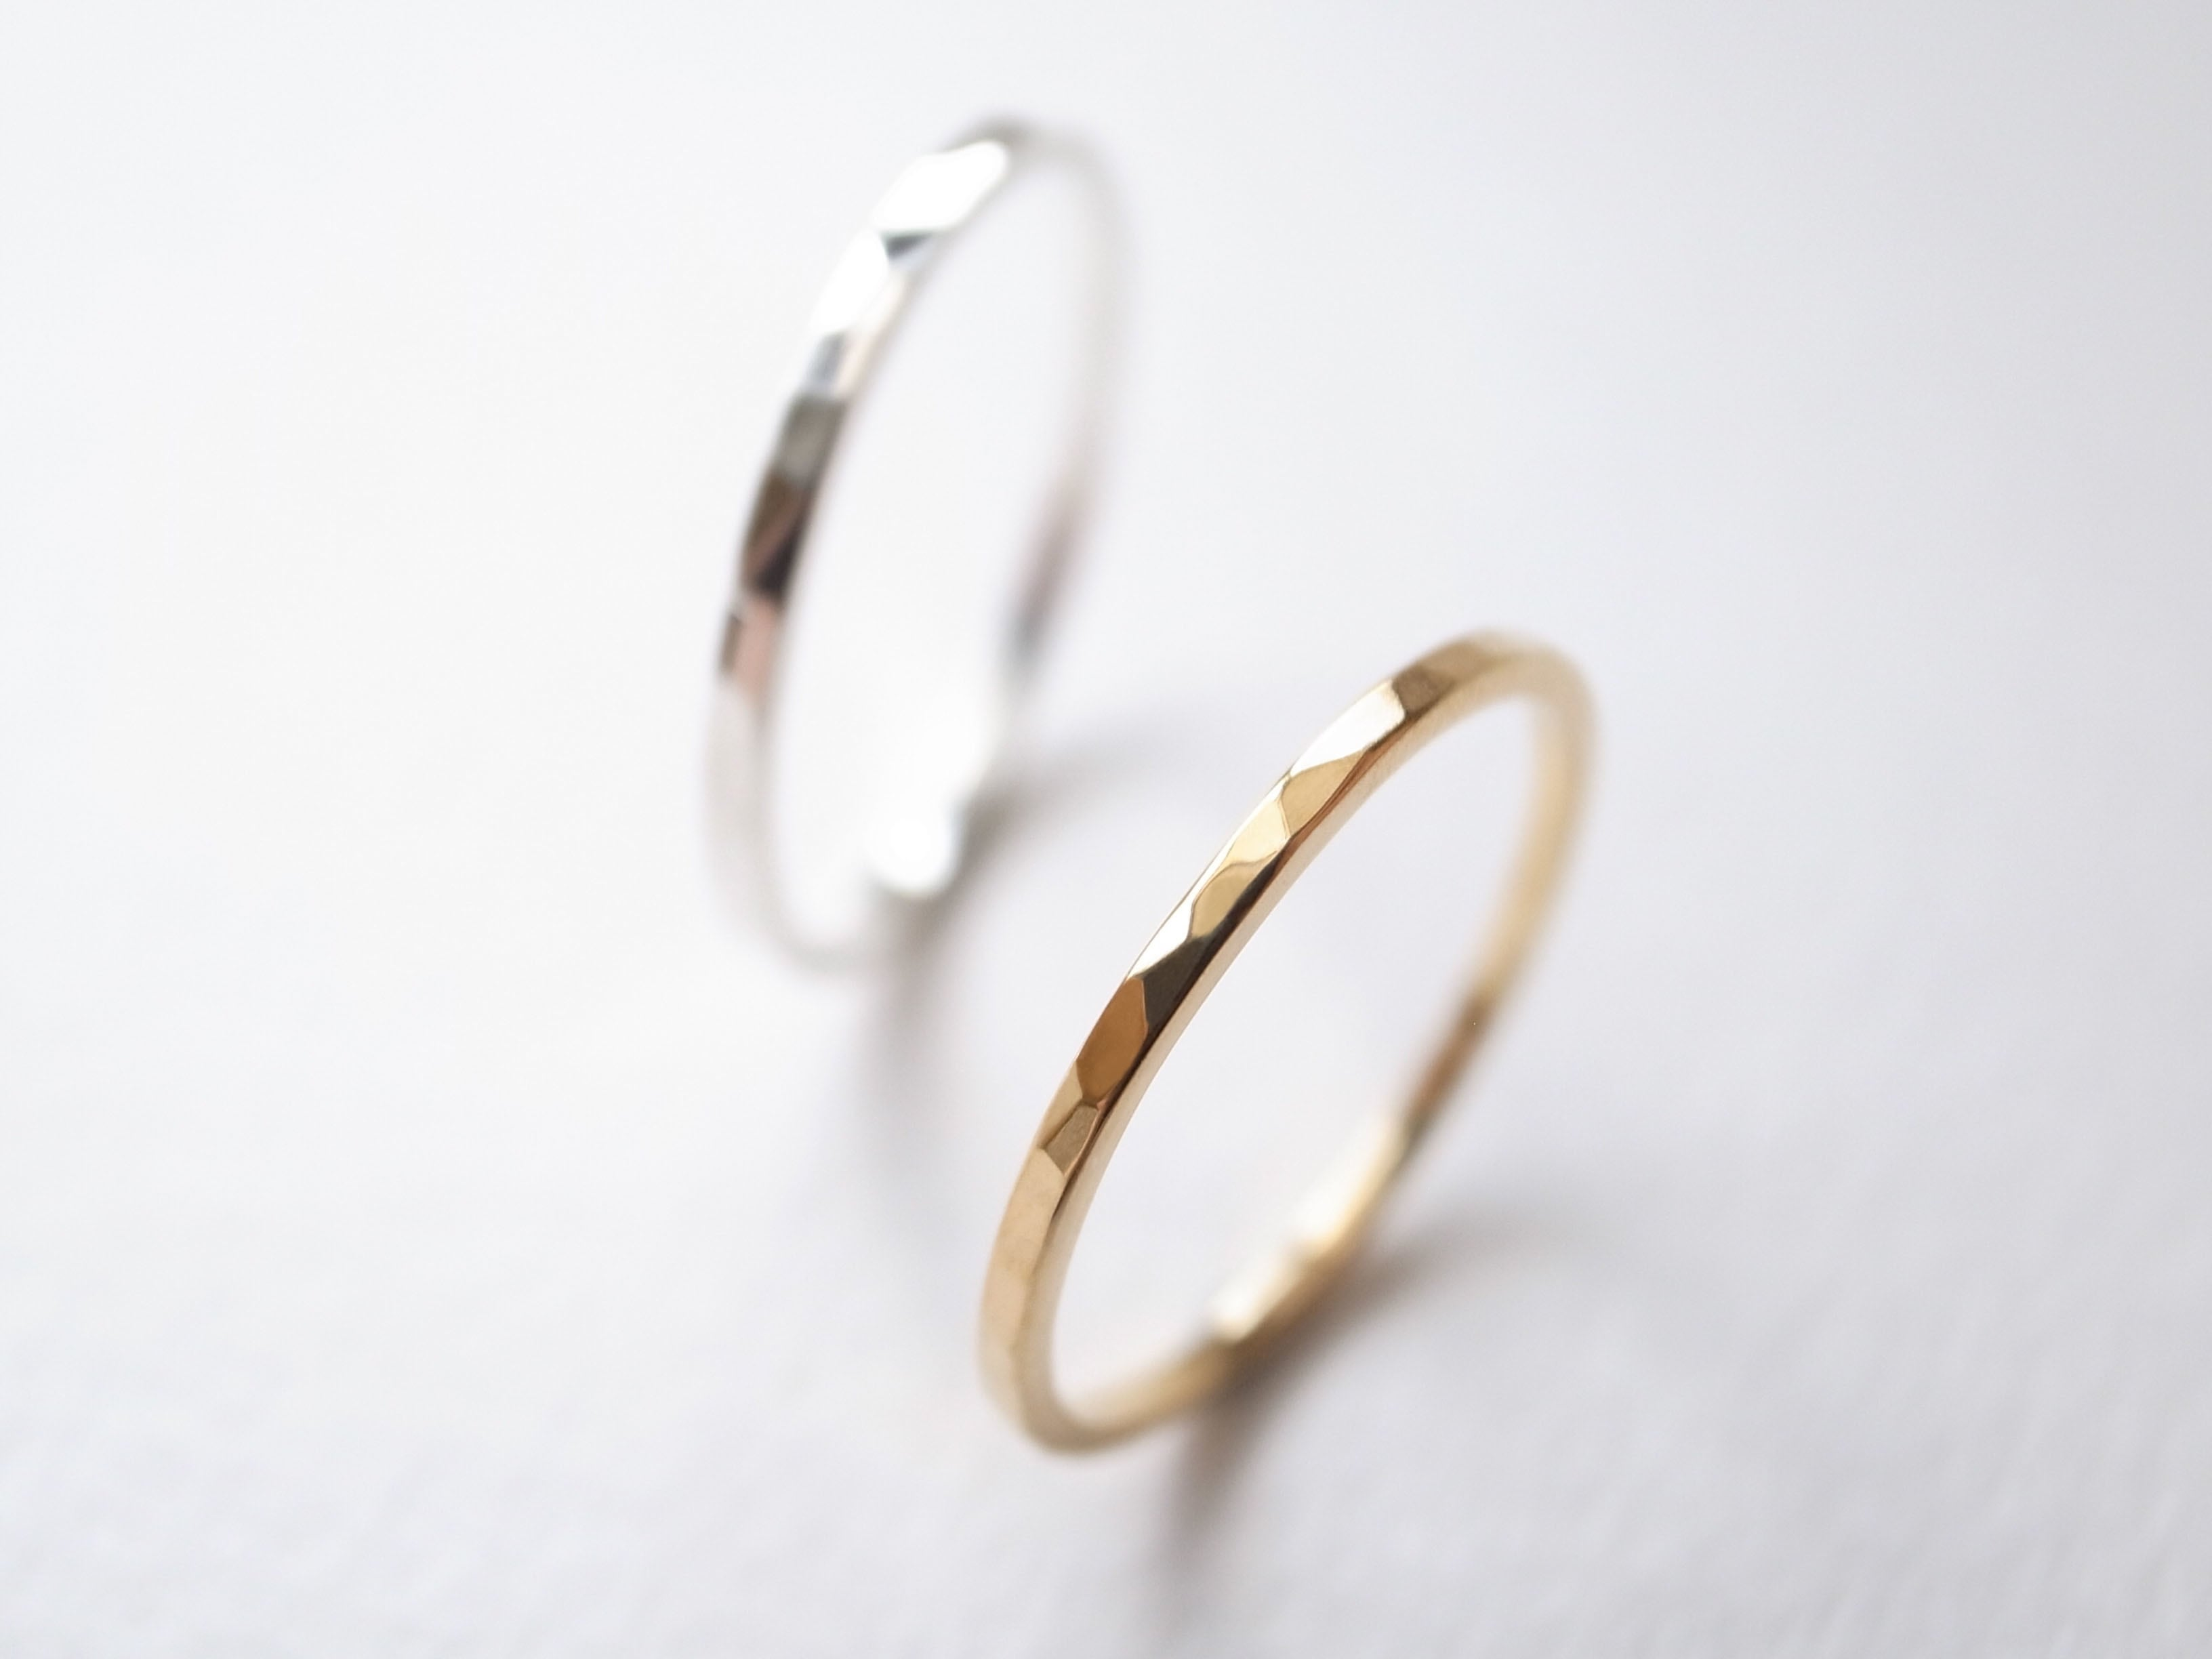 【pairing】K18YG・Pt900/tsuchime kaku ring